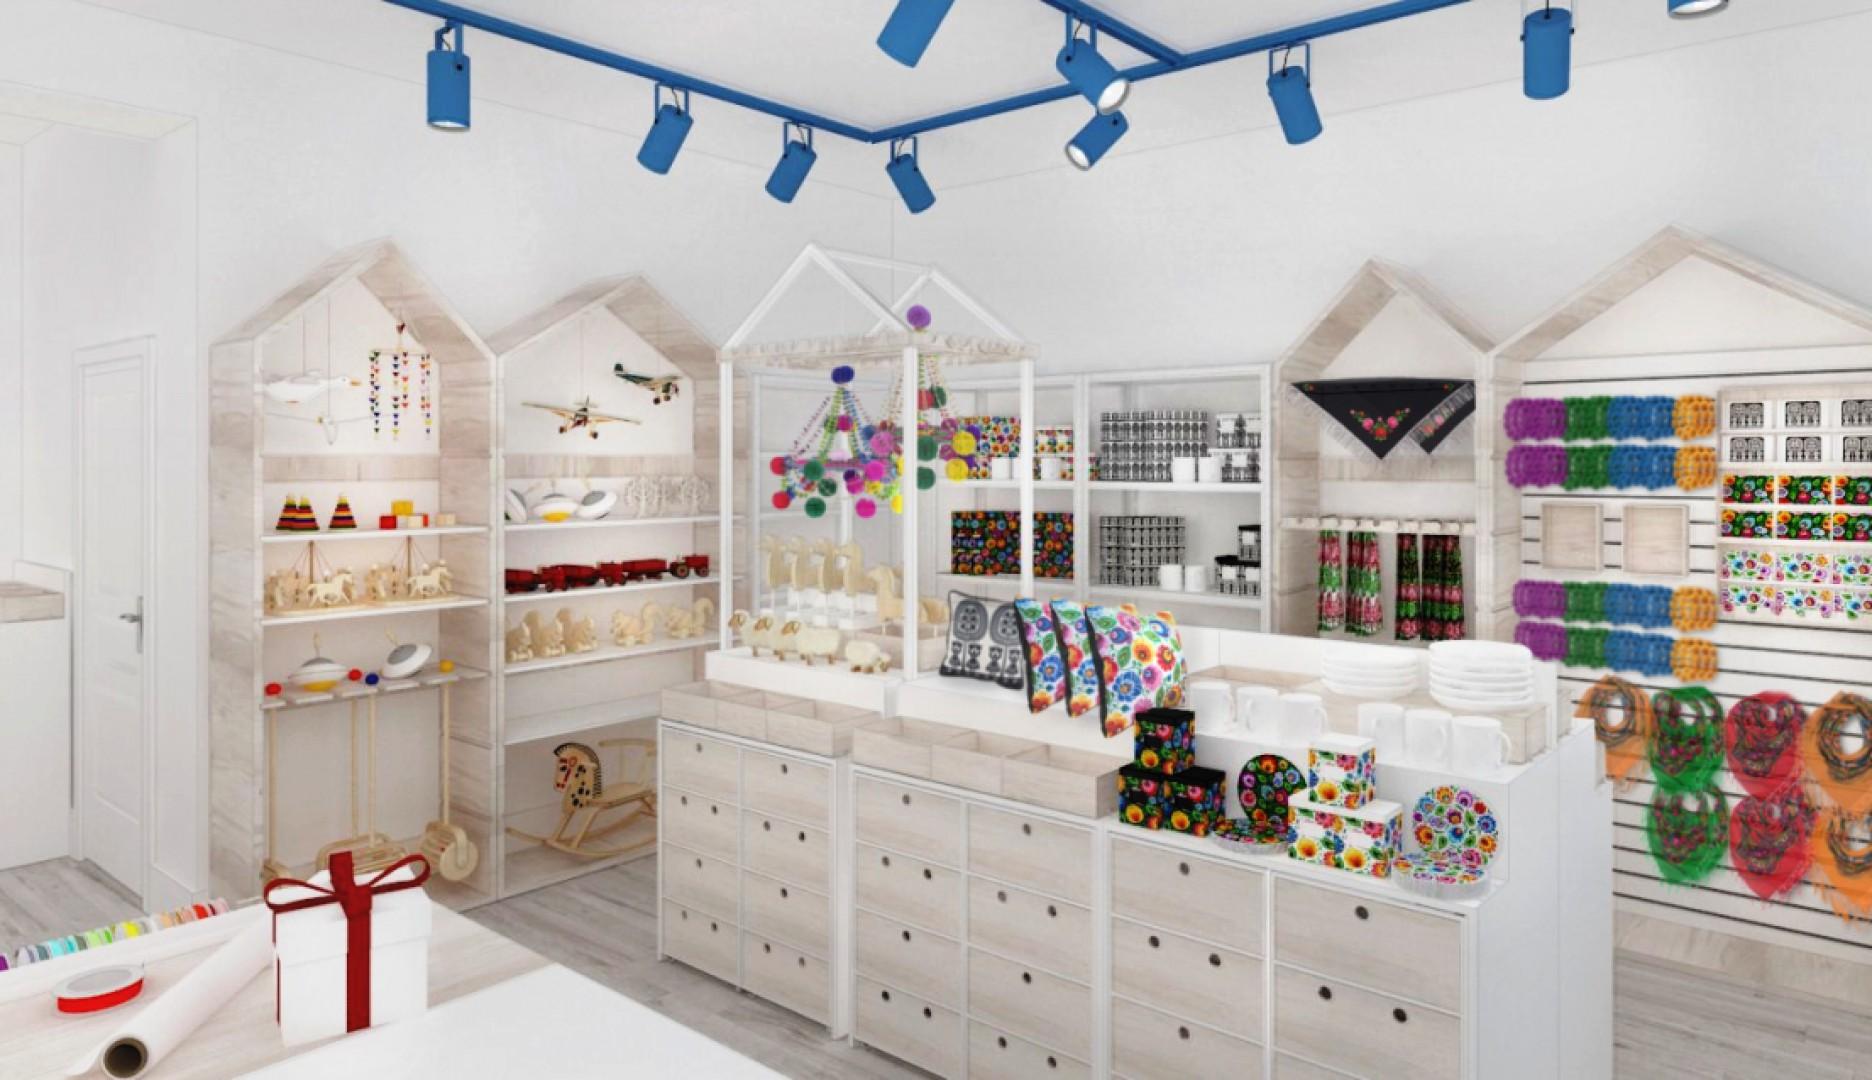 Architekci z Forbis Group specjalnie dla marki Folkstar zaprojektowali wnętrze sklepu. Fot. Forbis Group